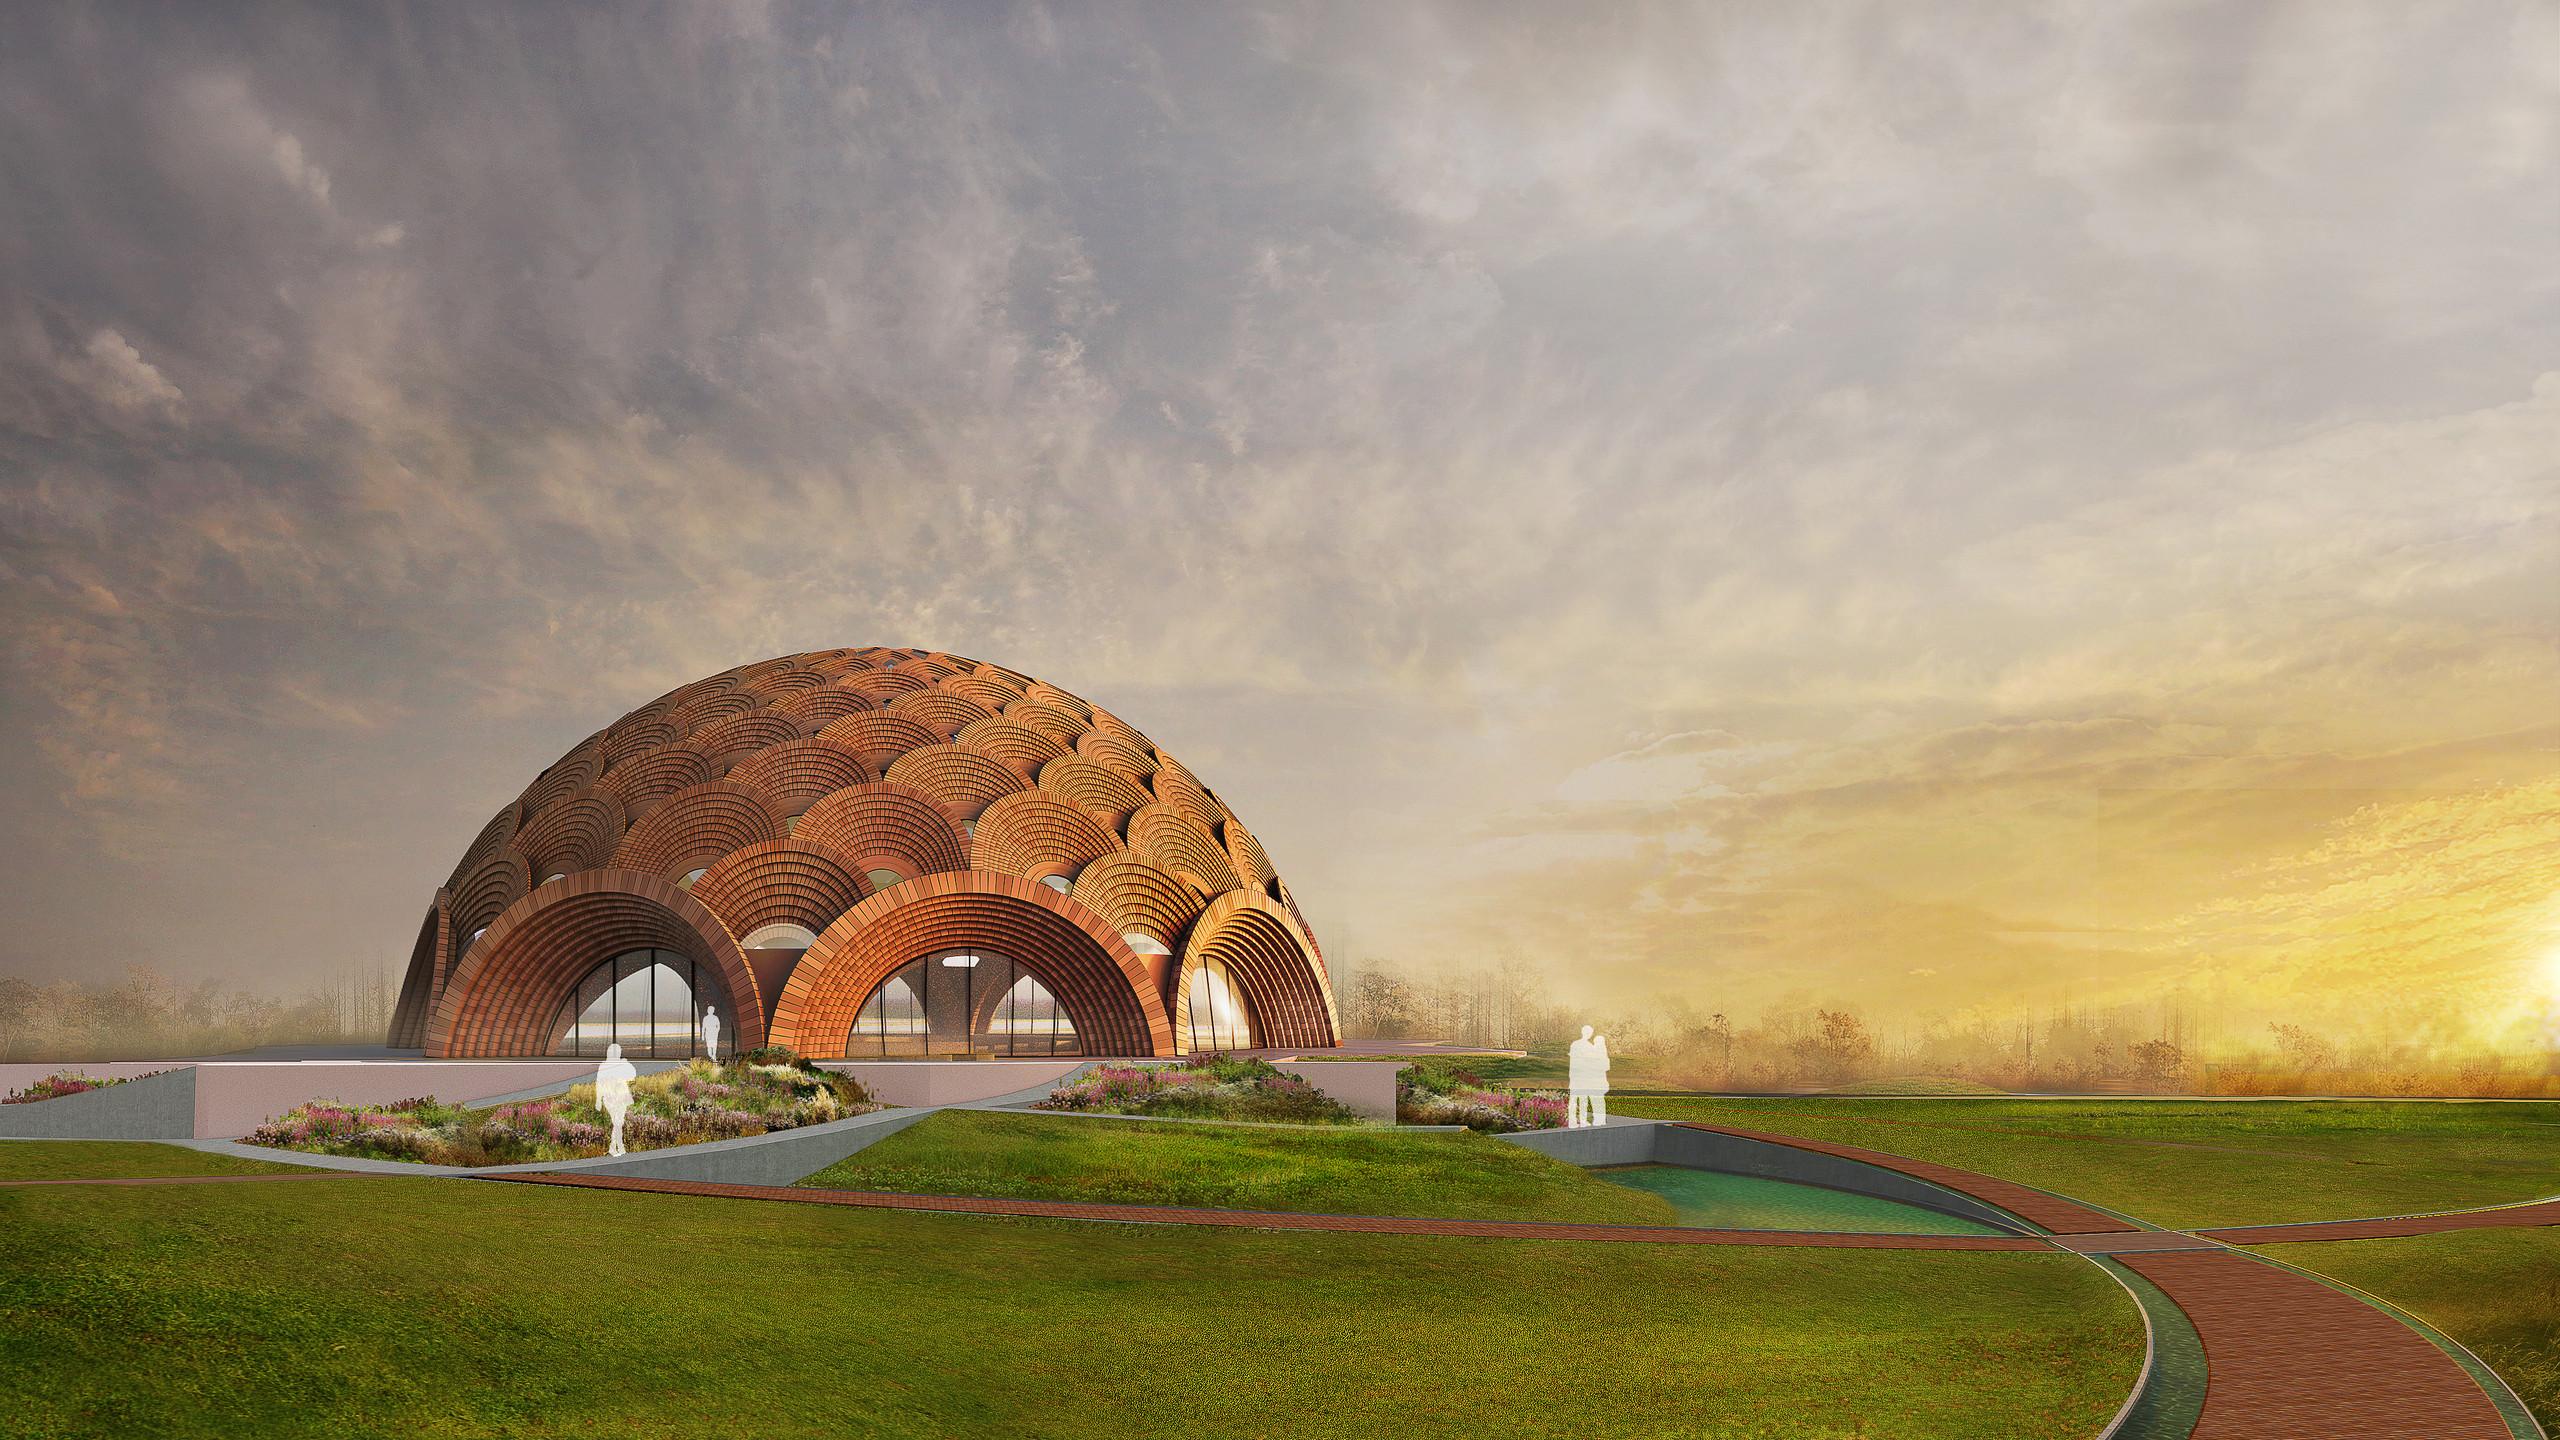 O desenho da nova Casa de Adoração Bahá'í em Bihar Sharif divulgado  pela Assembléia Espiritual Nacional dos Baha'is da Índia.